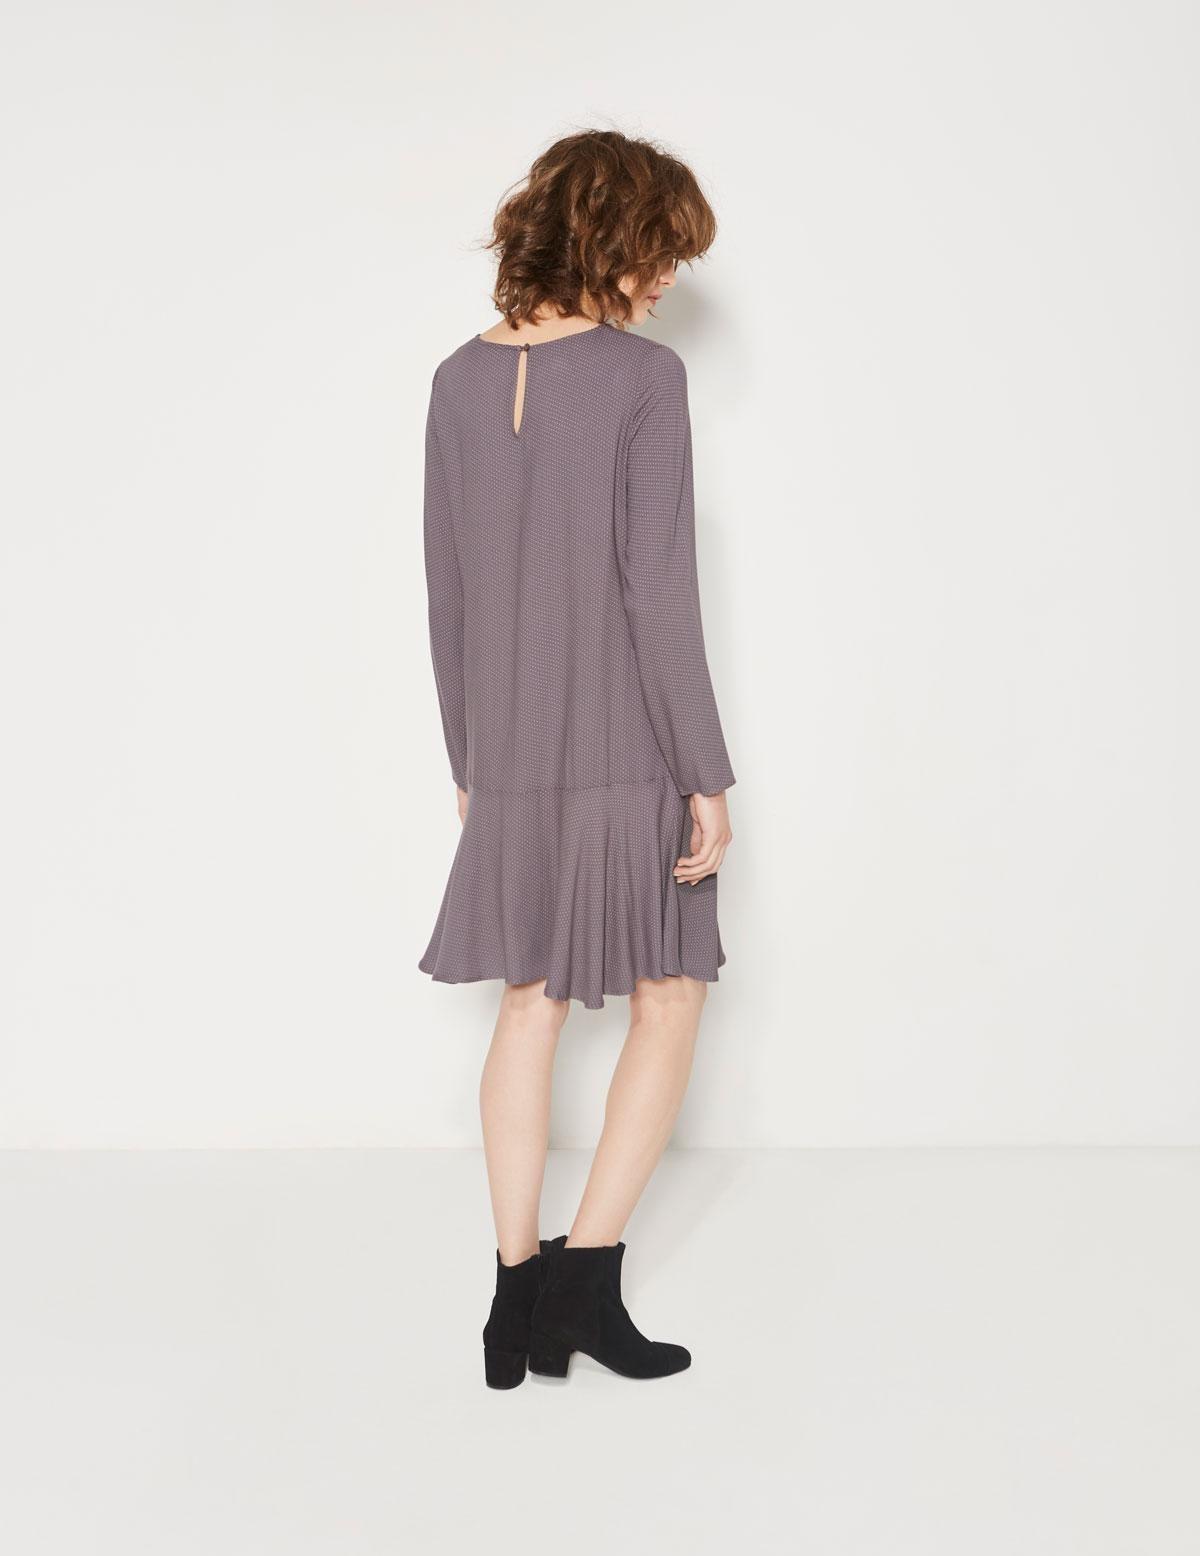 Vestido con falda volante - Ítem2